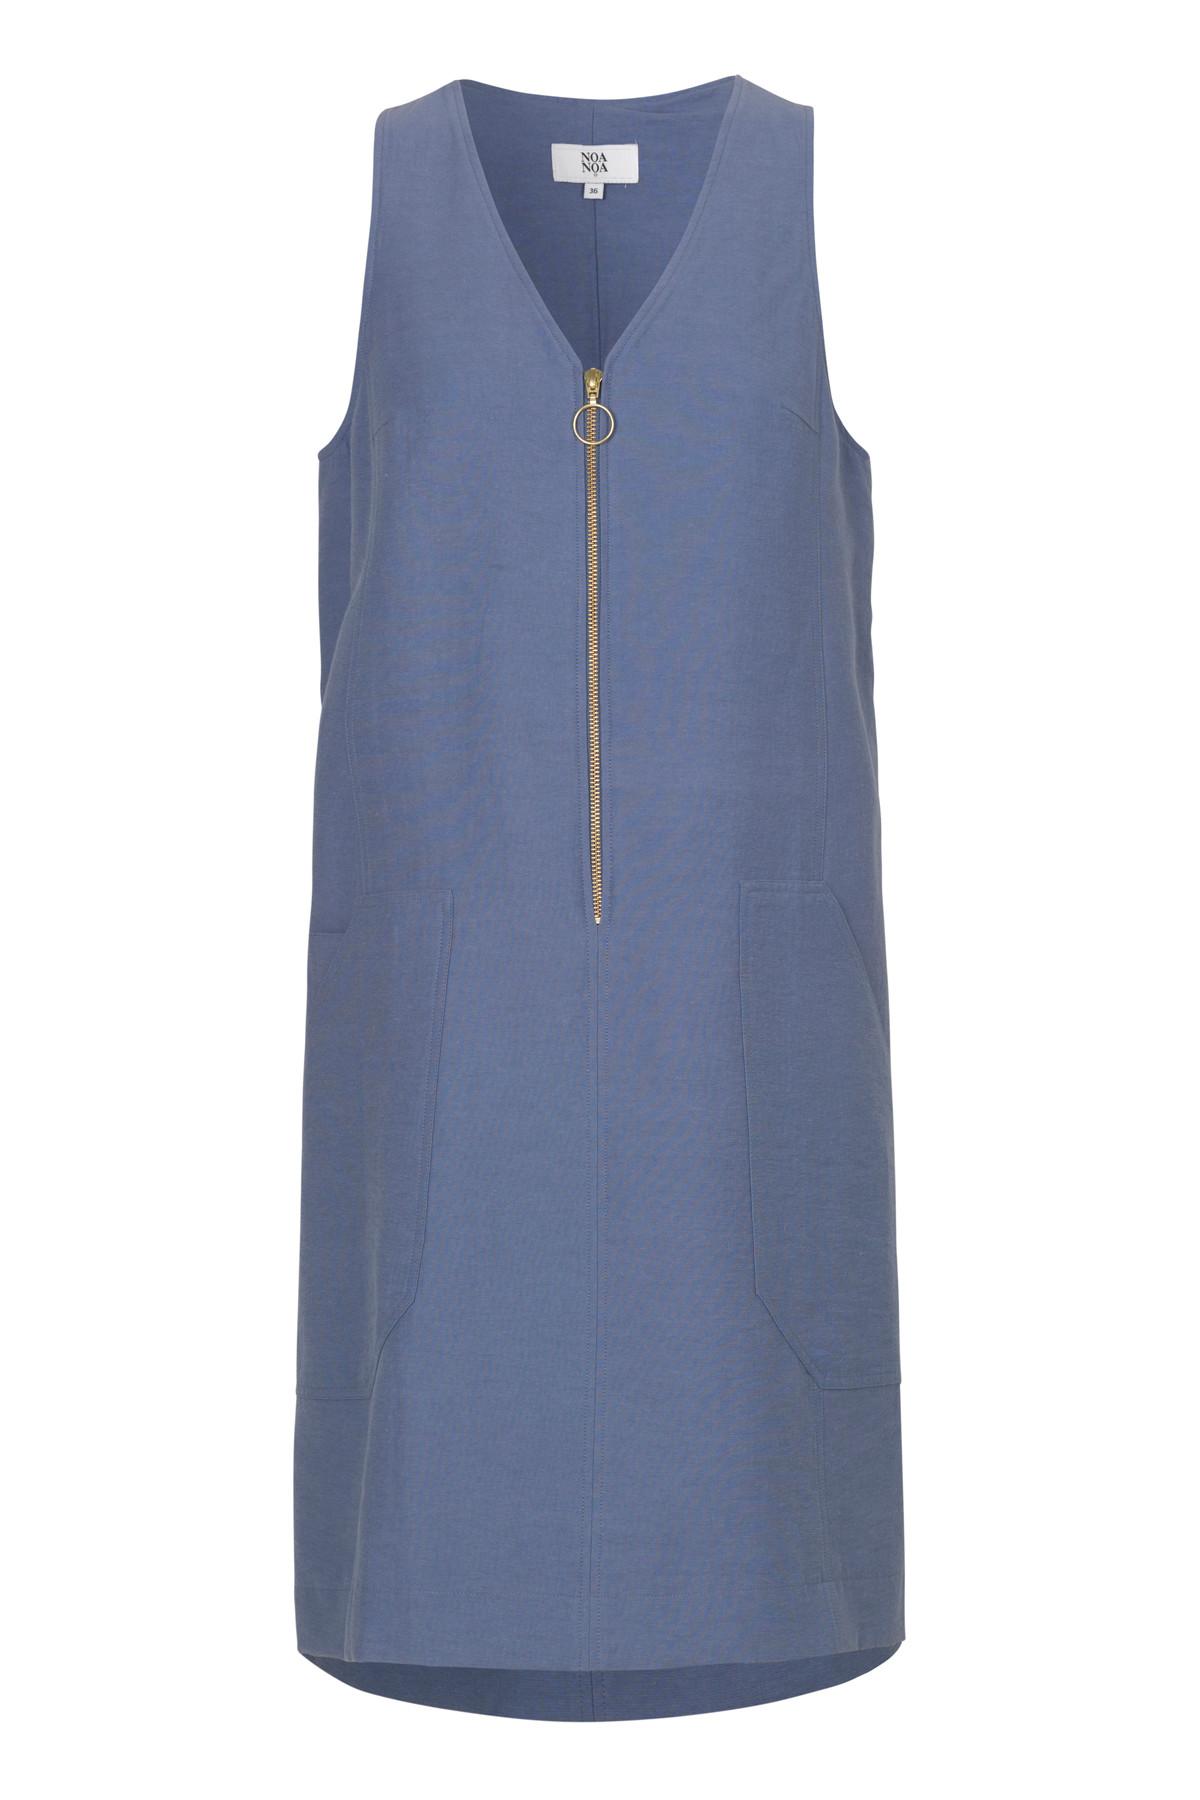 14b5b93fce0d Official Noa Noa Webshop ⎥Shop Noa Noa fashion clothing online